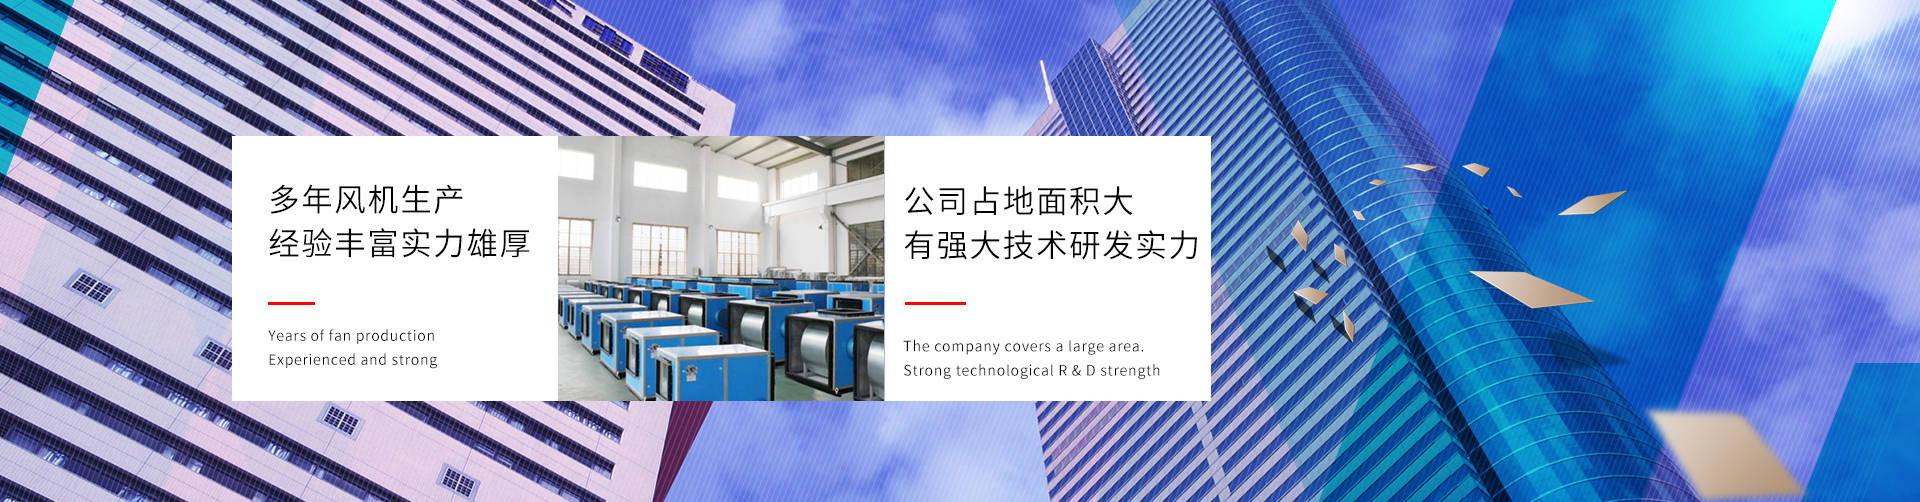 高温消防排烟风柜生产供应商家:消防验收重点